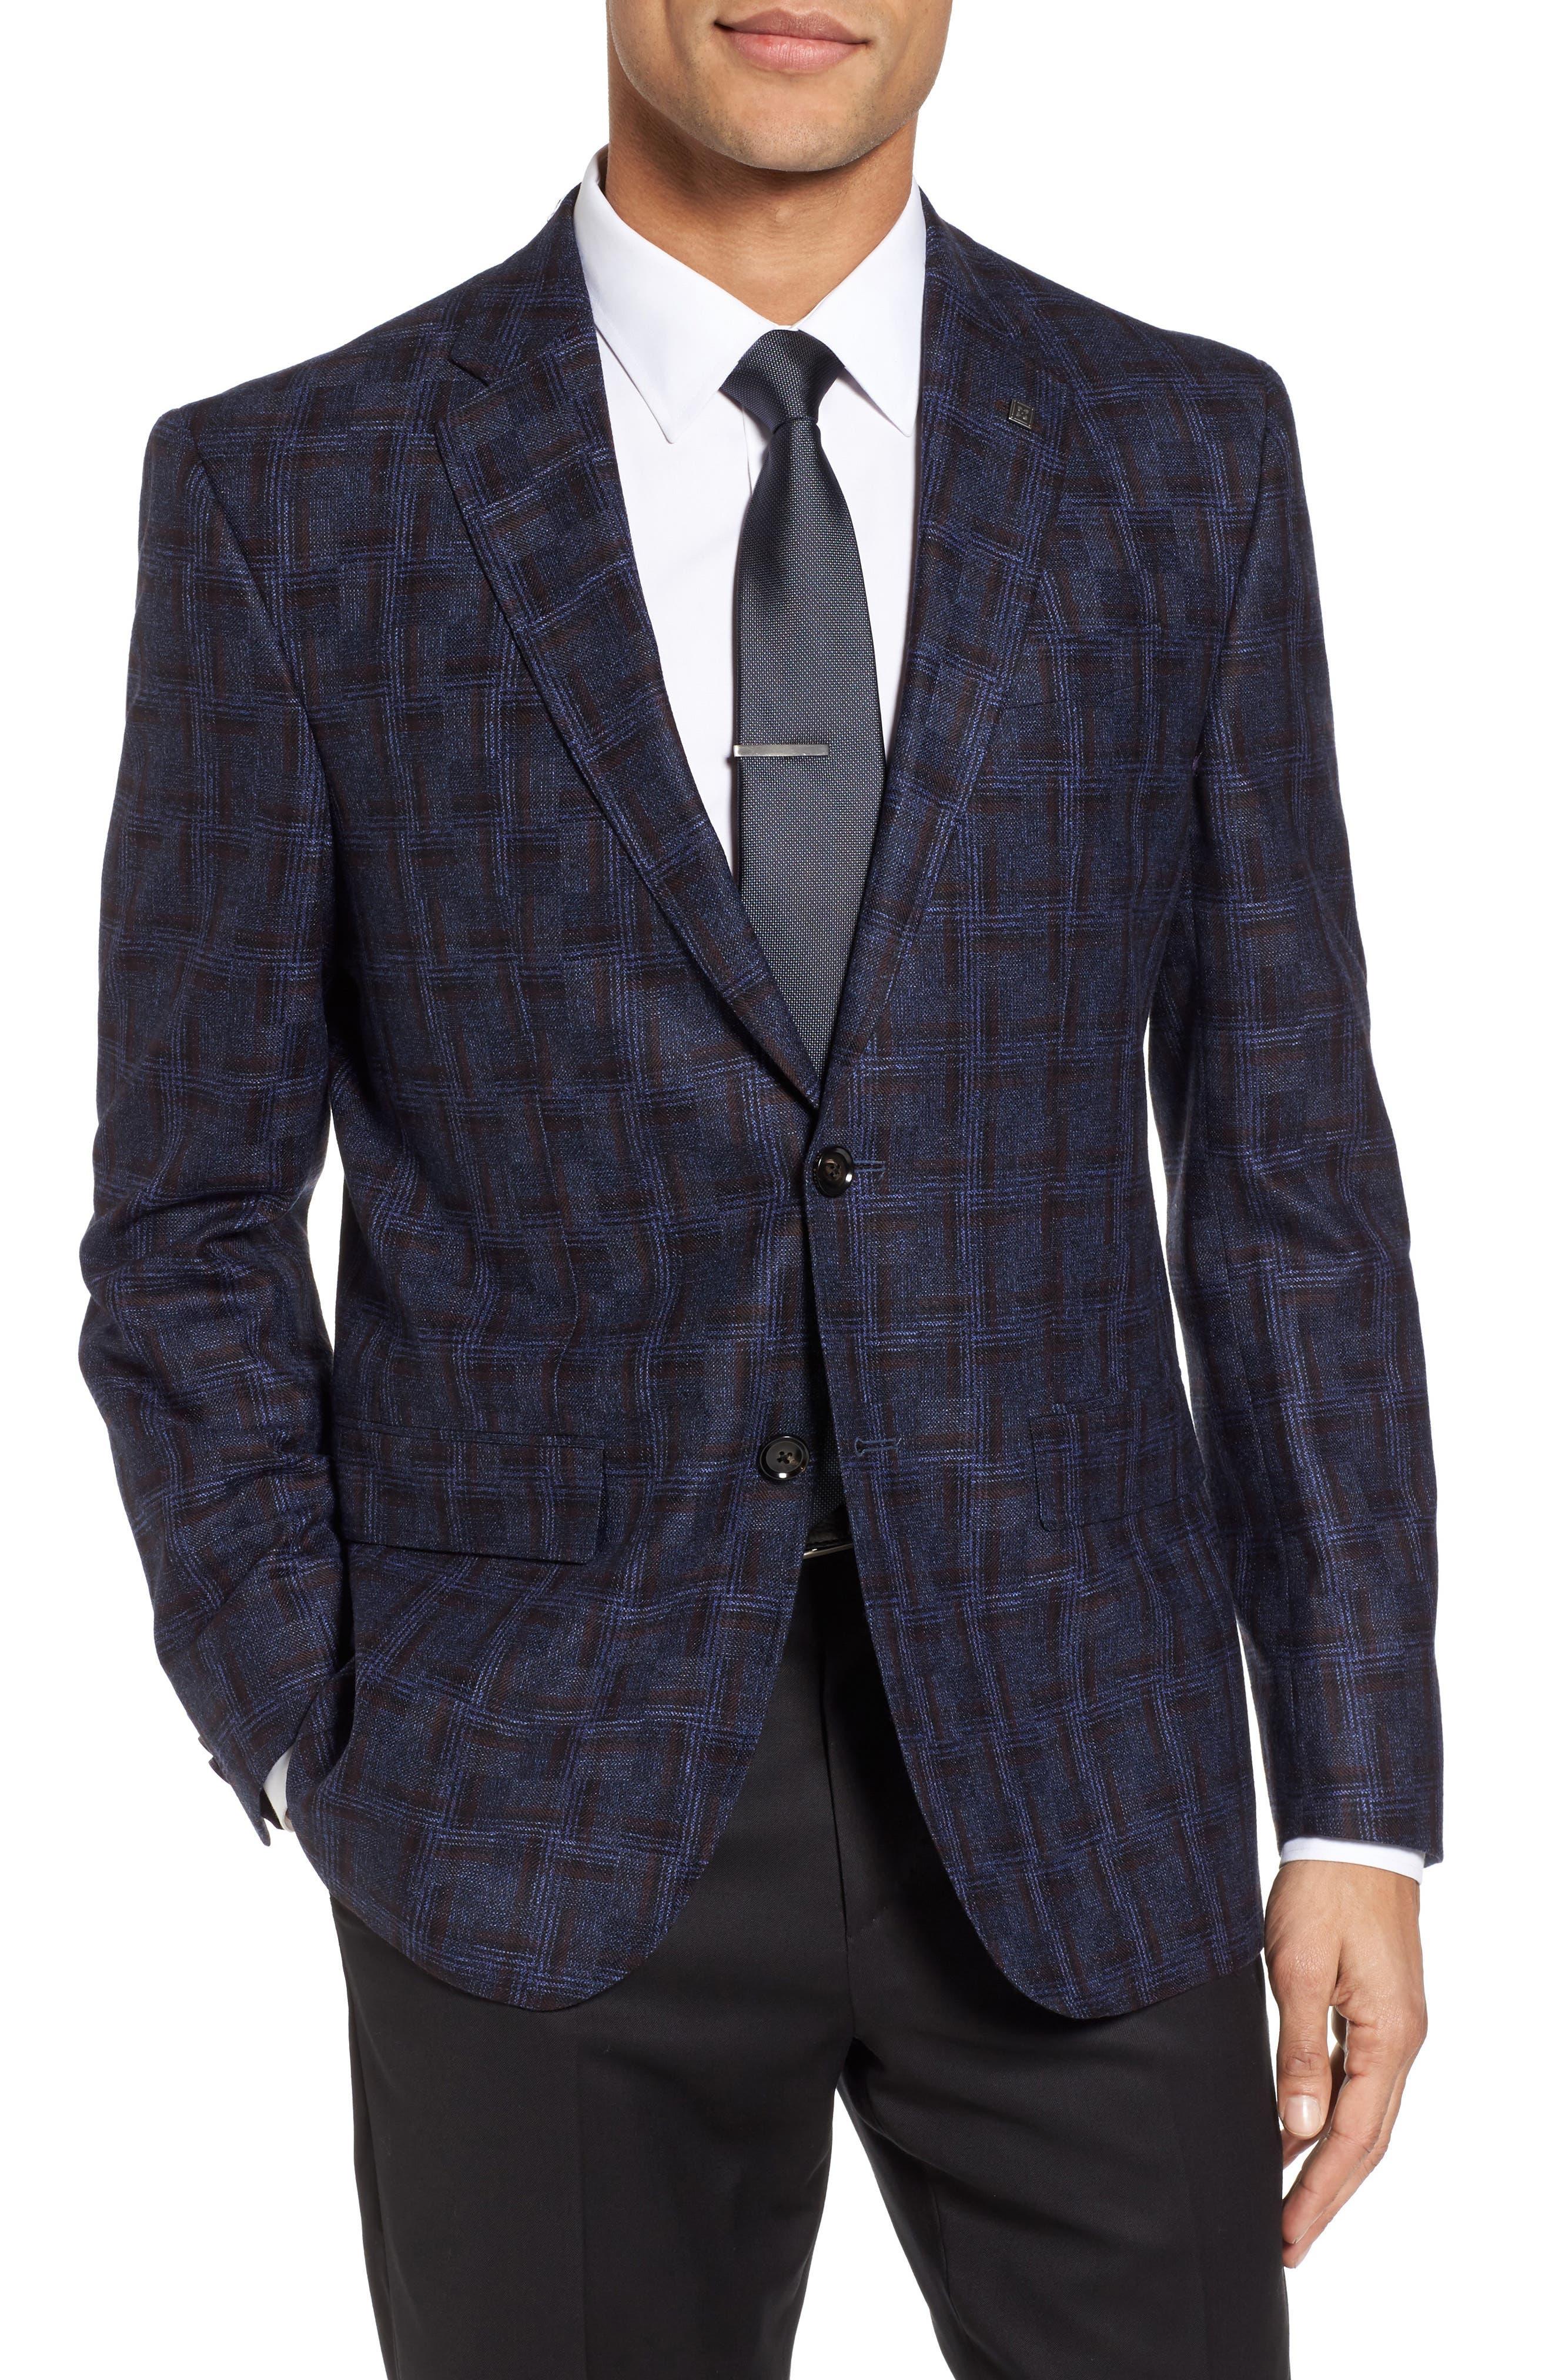 Jay Trim Fit Plaid Wool Sport Coat,                         Main,                         color, Blue